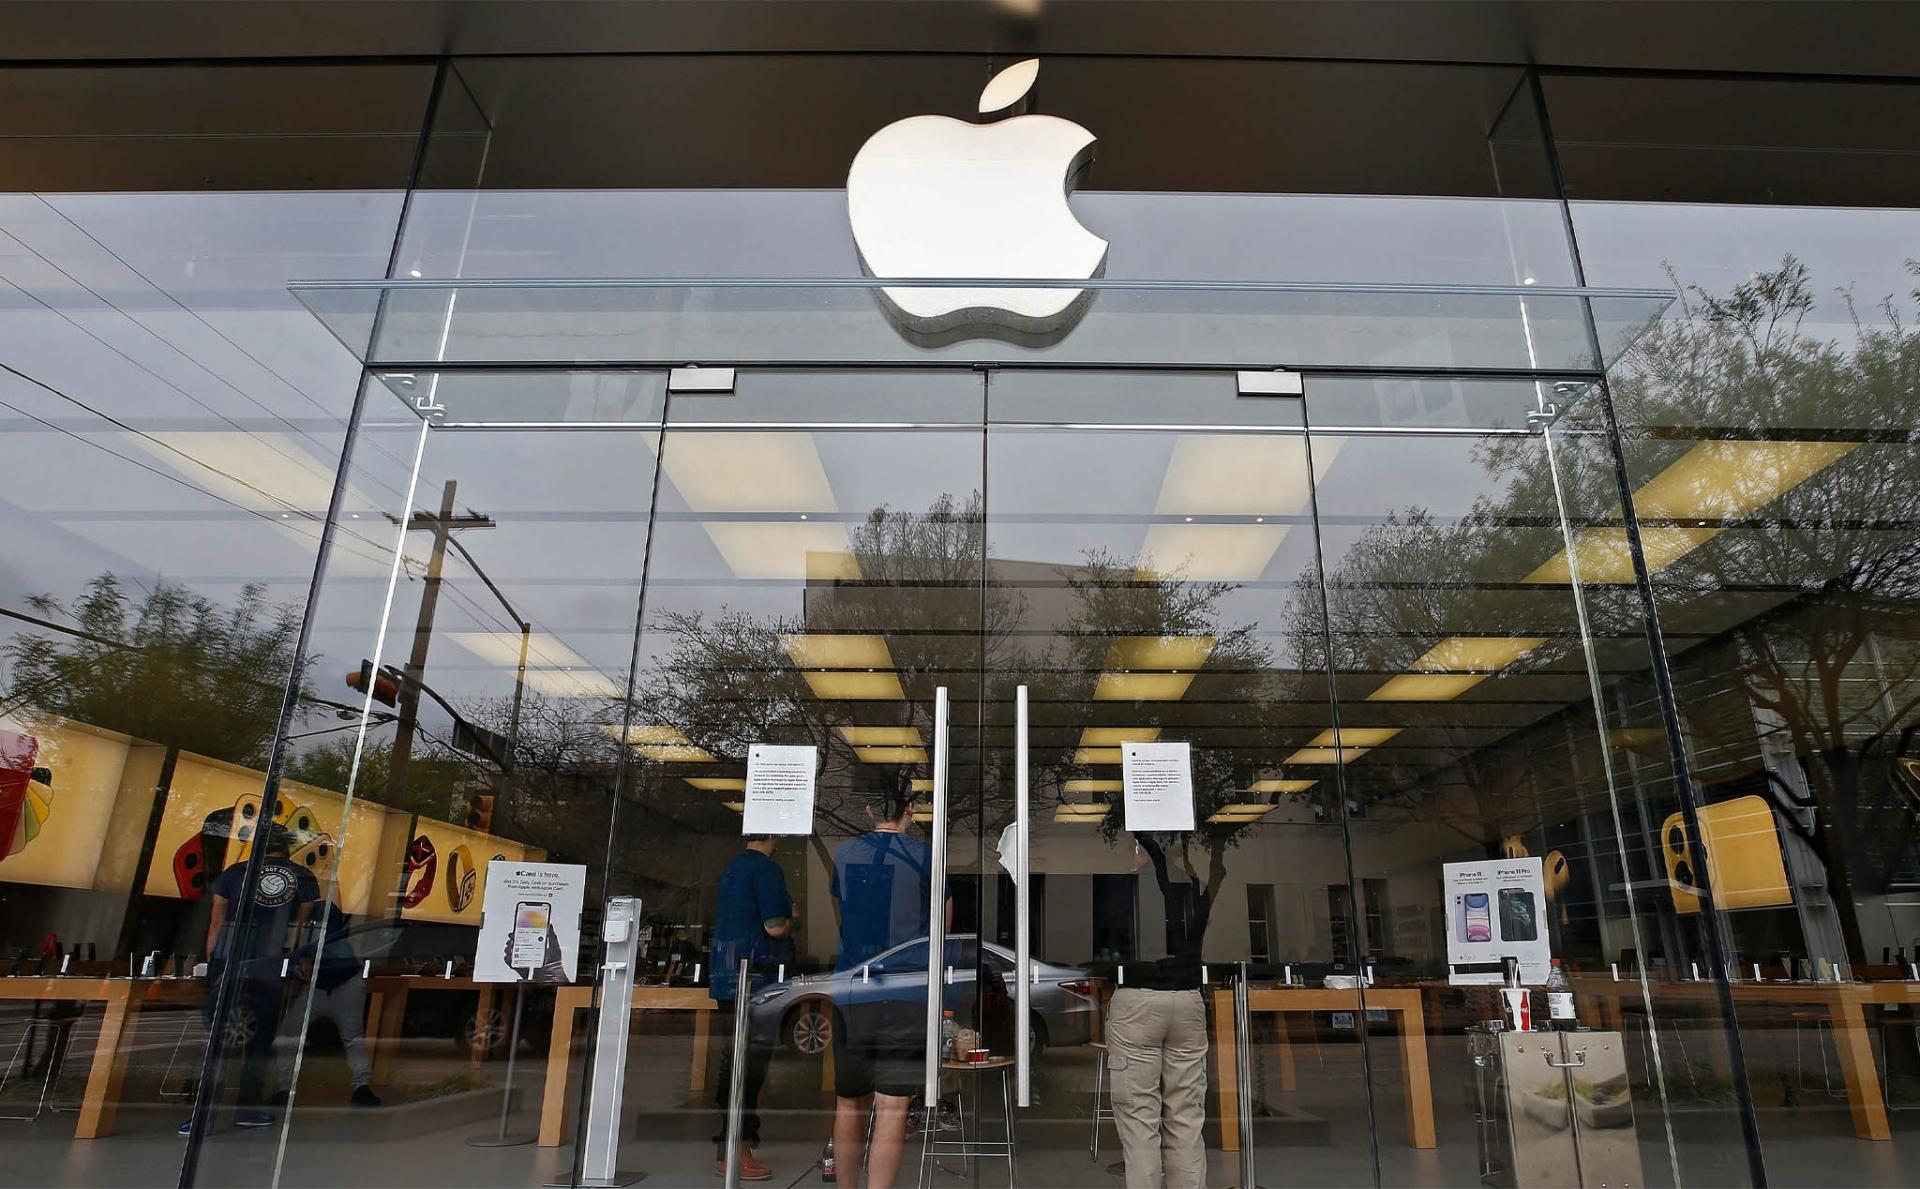 Apple recruits plenty of vacancies in Vietnam